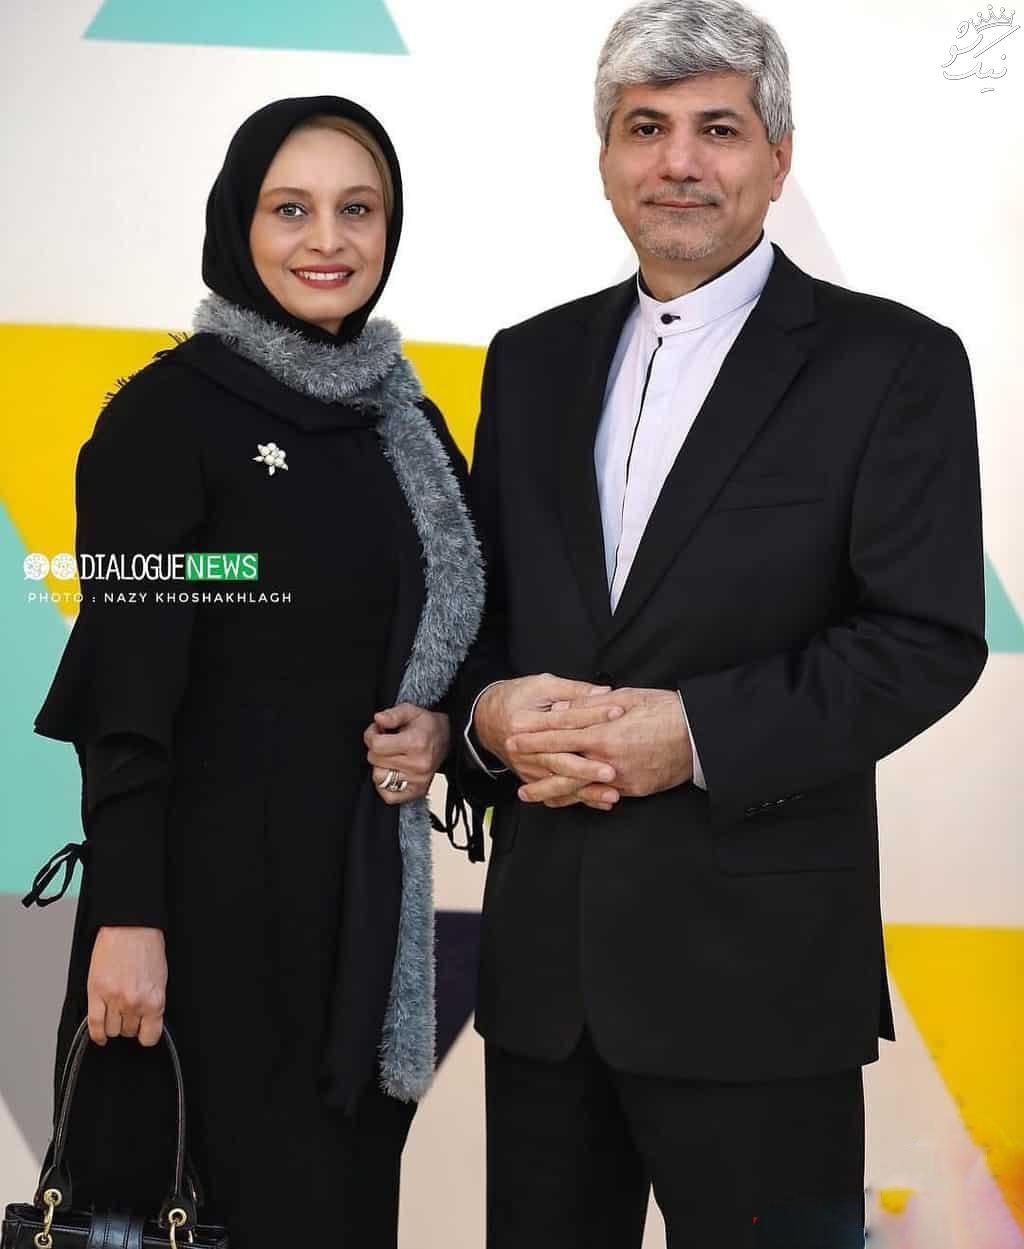 ازدواج مریم کاویانی با دیپلمات ایرانی رامین مهمان پرست +عکس